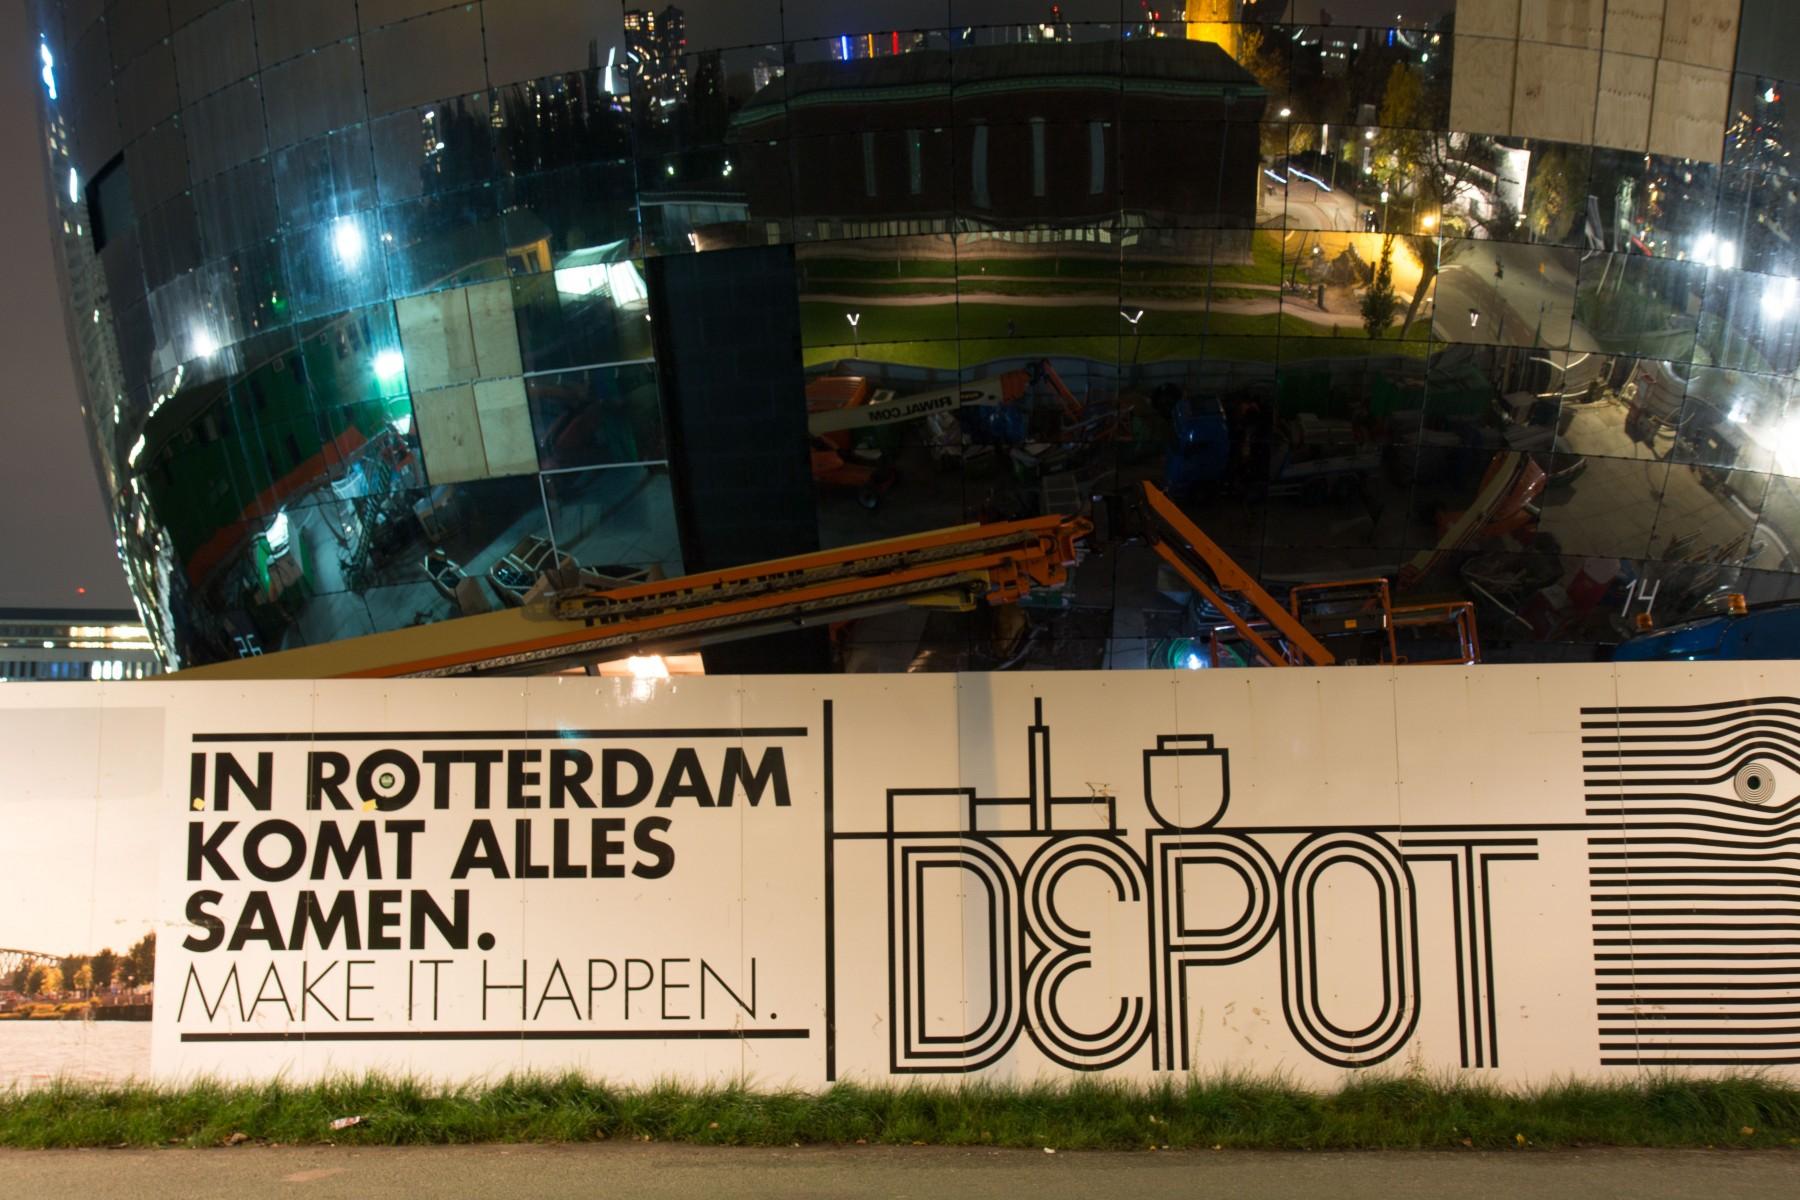 Renate: In Rotterdam komt alles samen